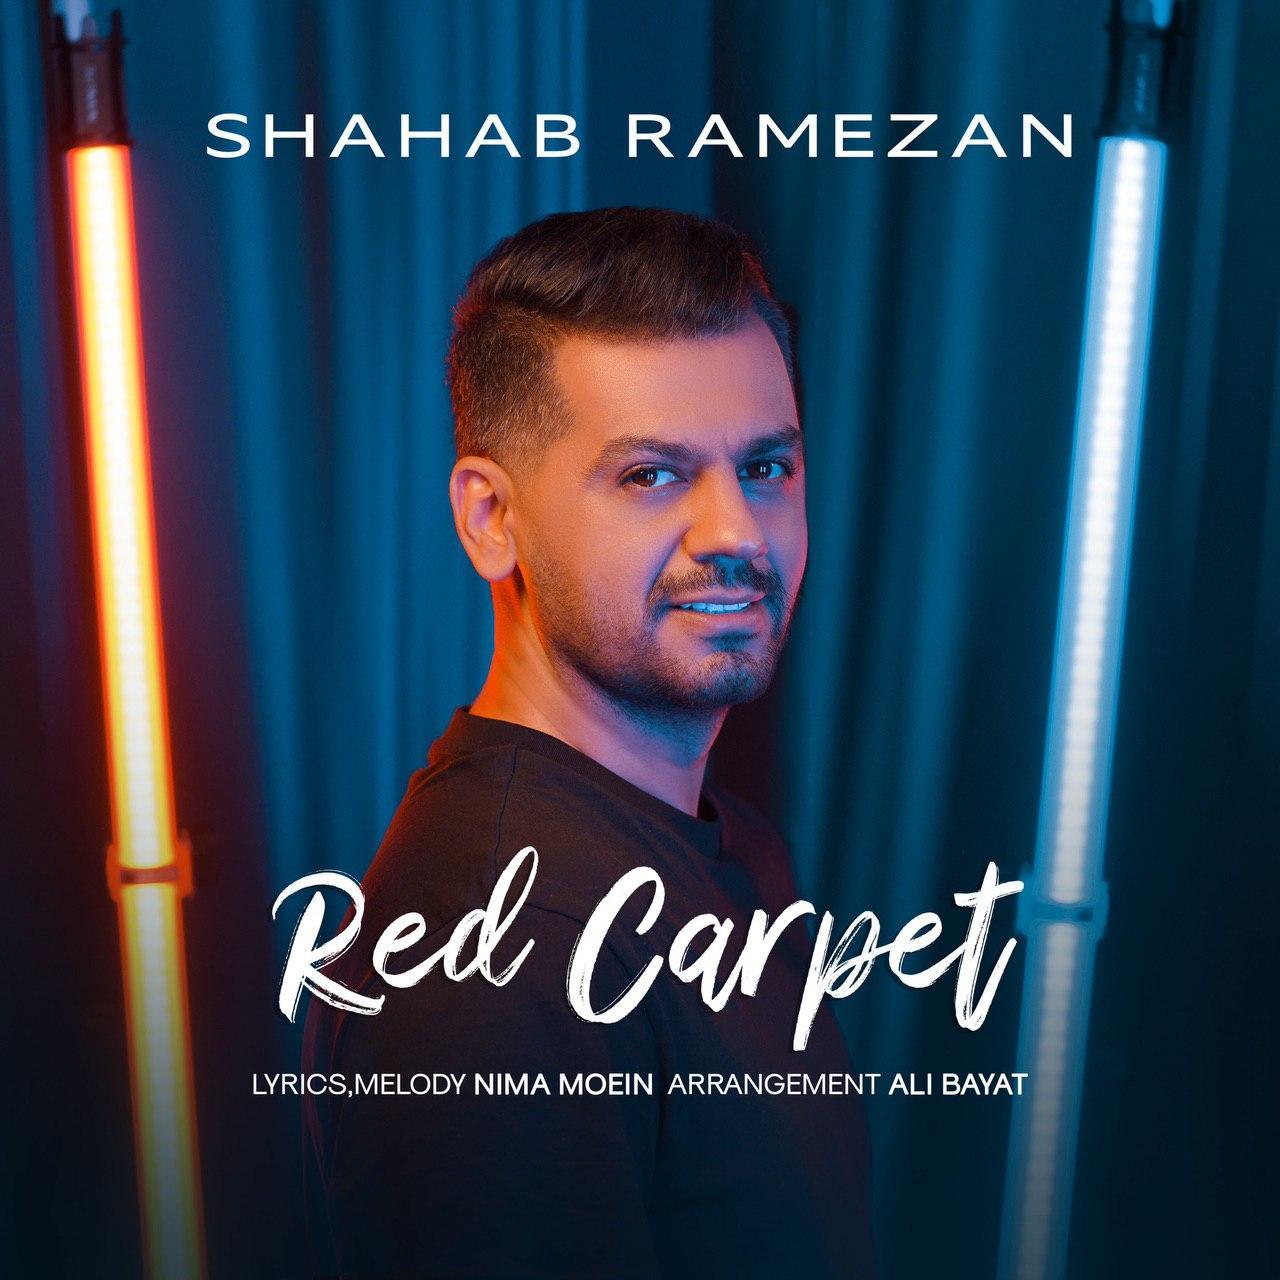 آهنگ فرش قرمز با صدای شهاب رمضان